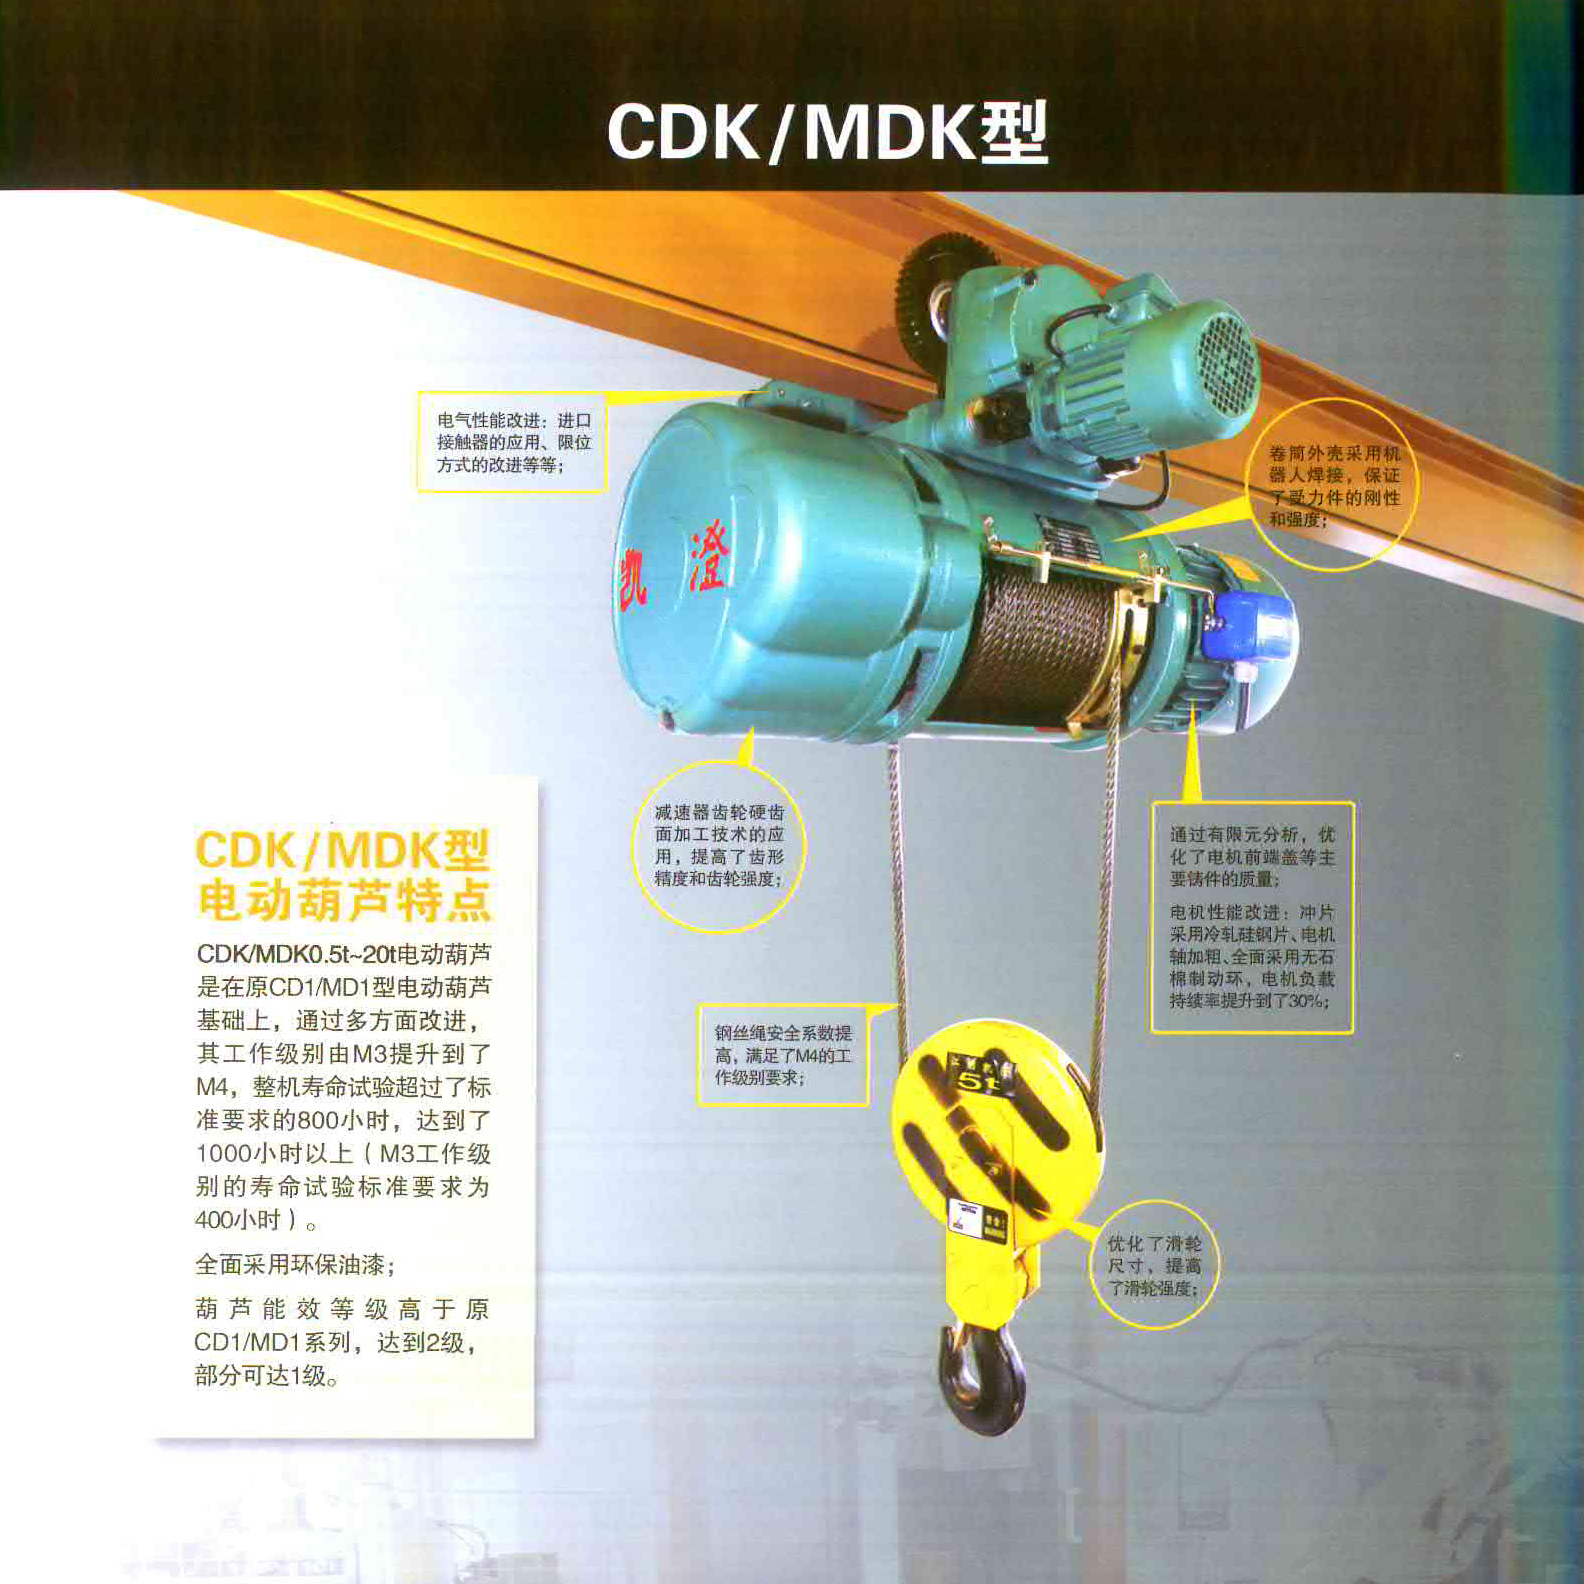 凯澄起重机械CDKMDK型电动葫芦的使用范围